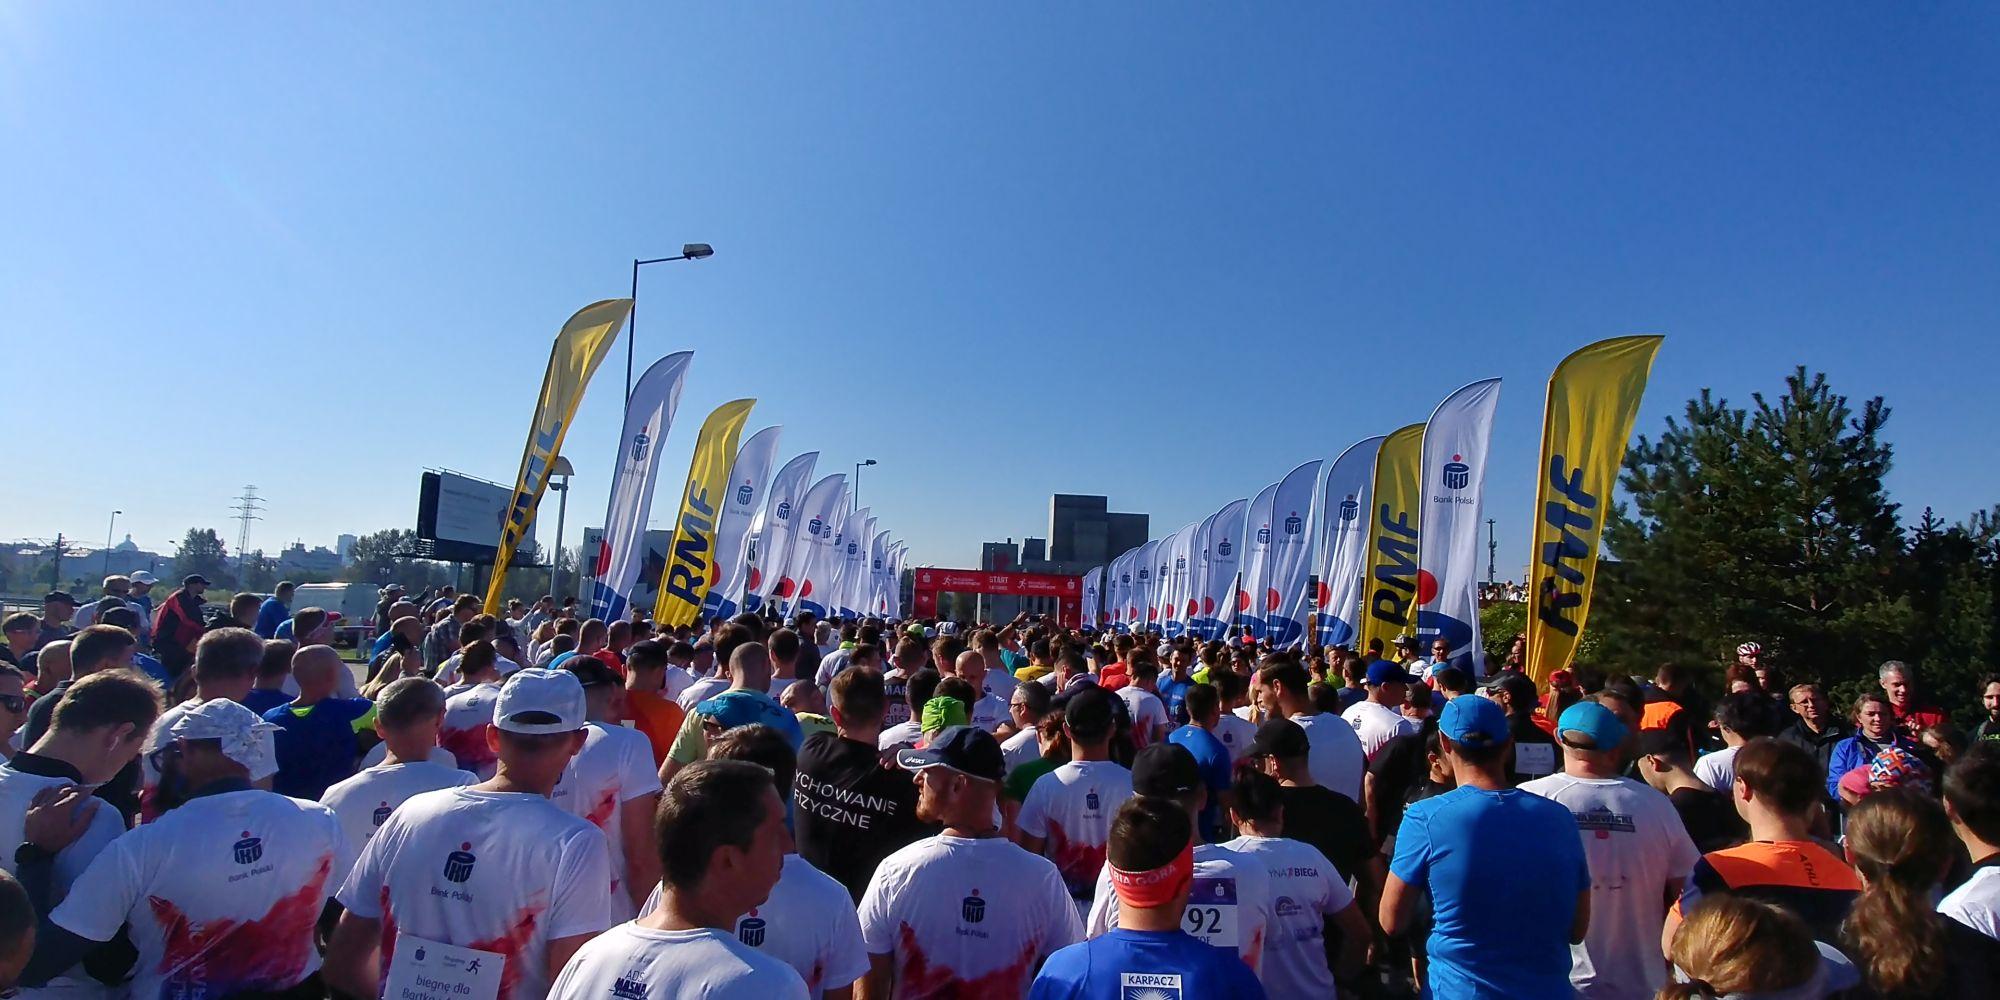 PKO Silesia Półmaraton 2017 start